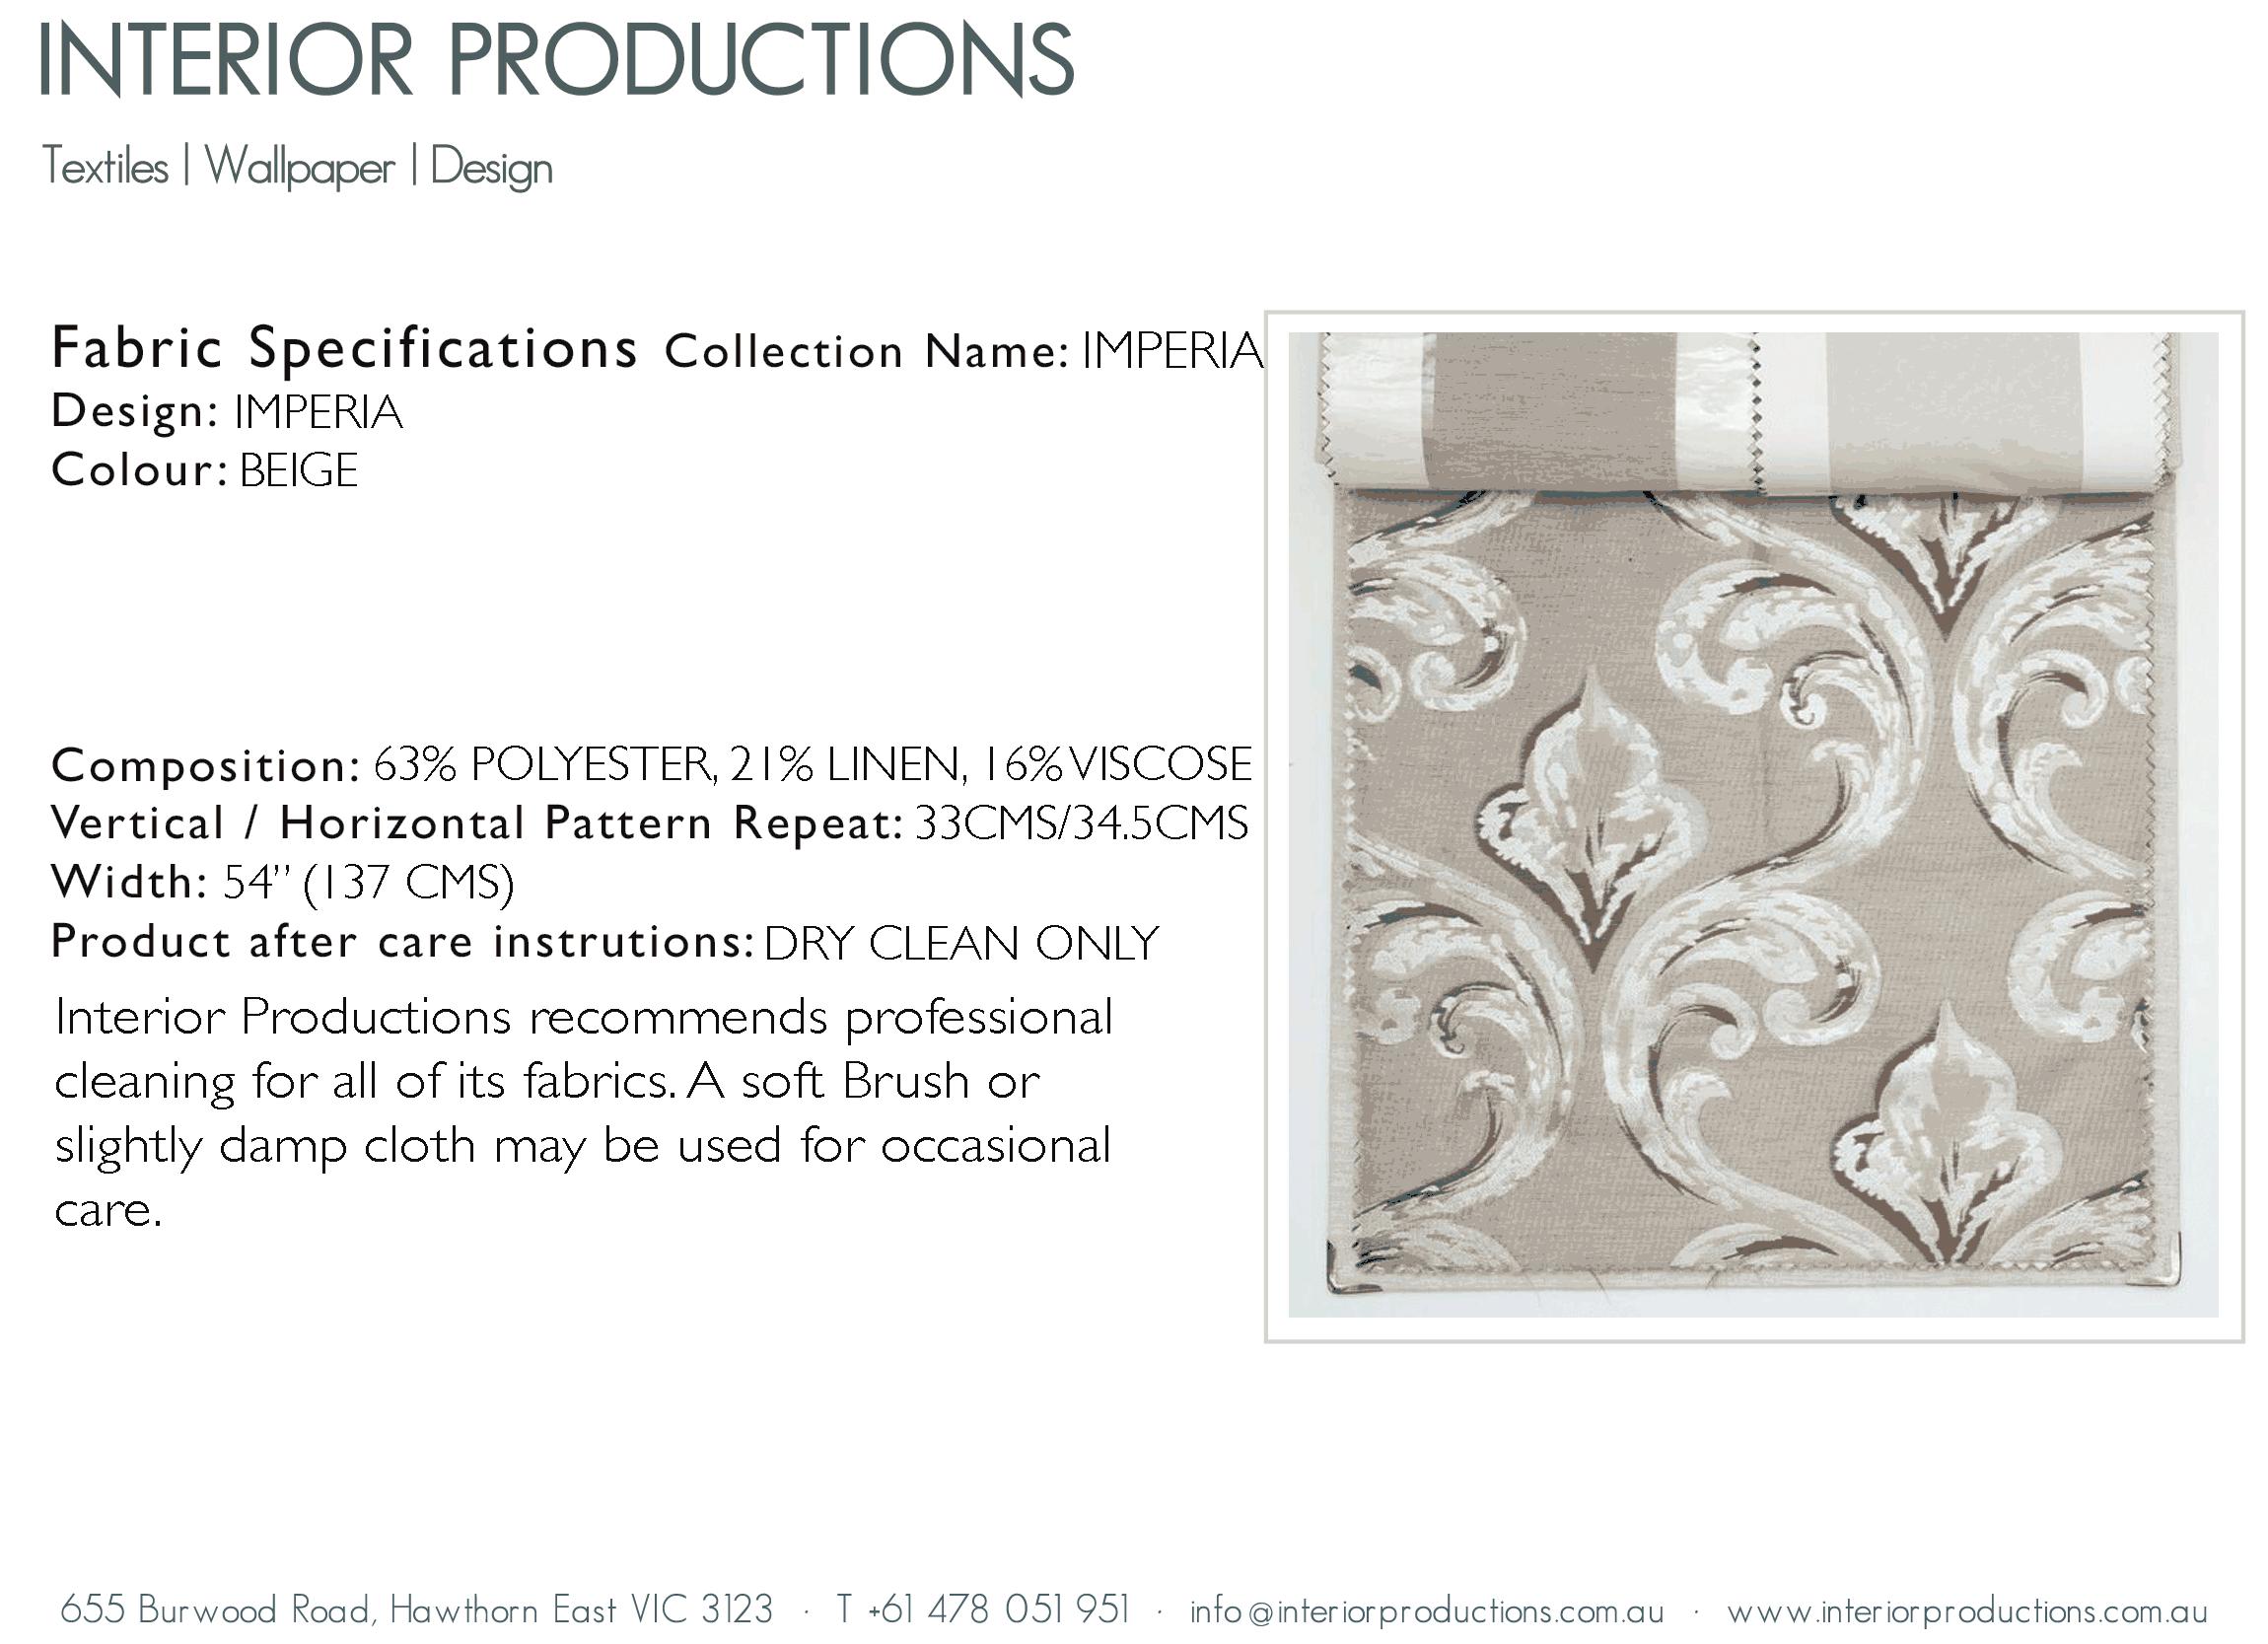 interior_productions_IMPERIA---BEIGE